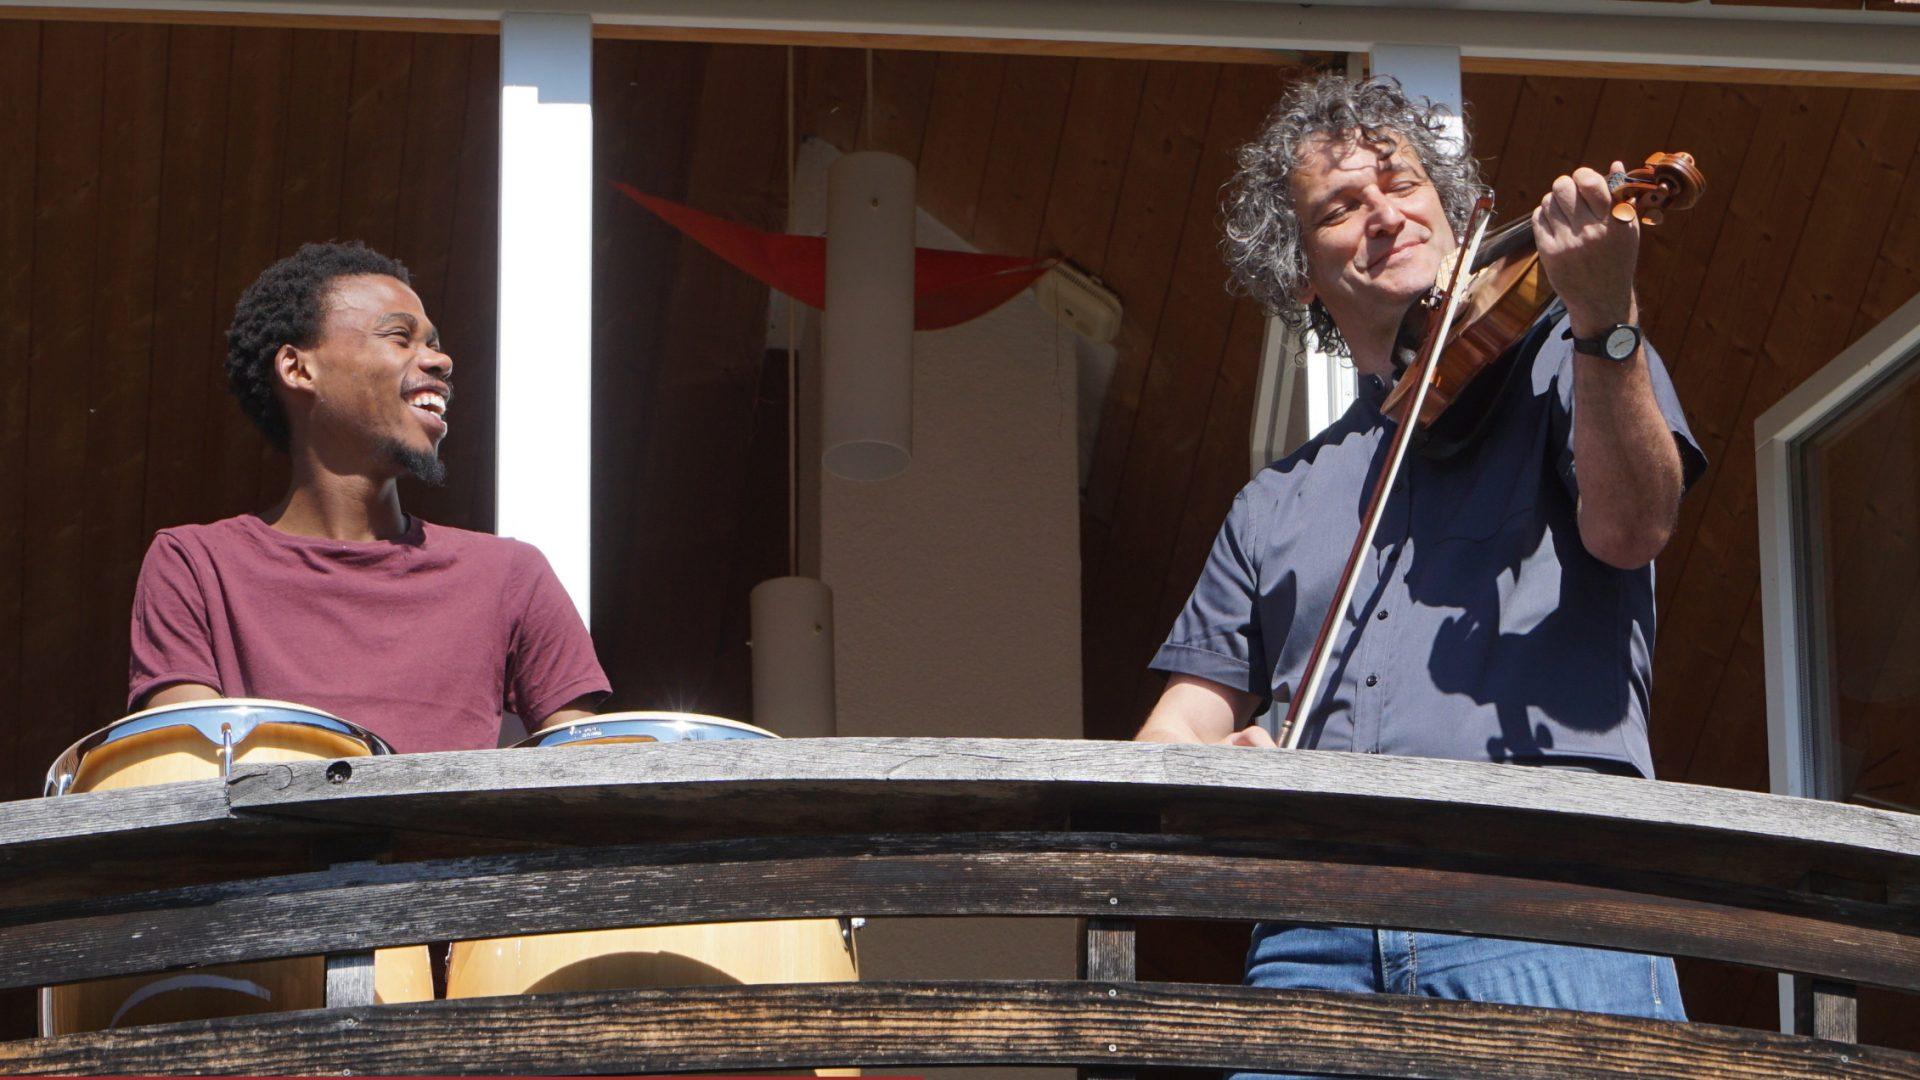 Pfortebalkon, Musik in der Pforte, Klaus Christa (c) Musik in der Pforte